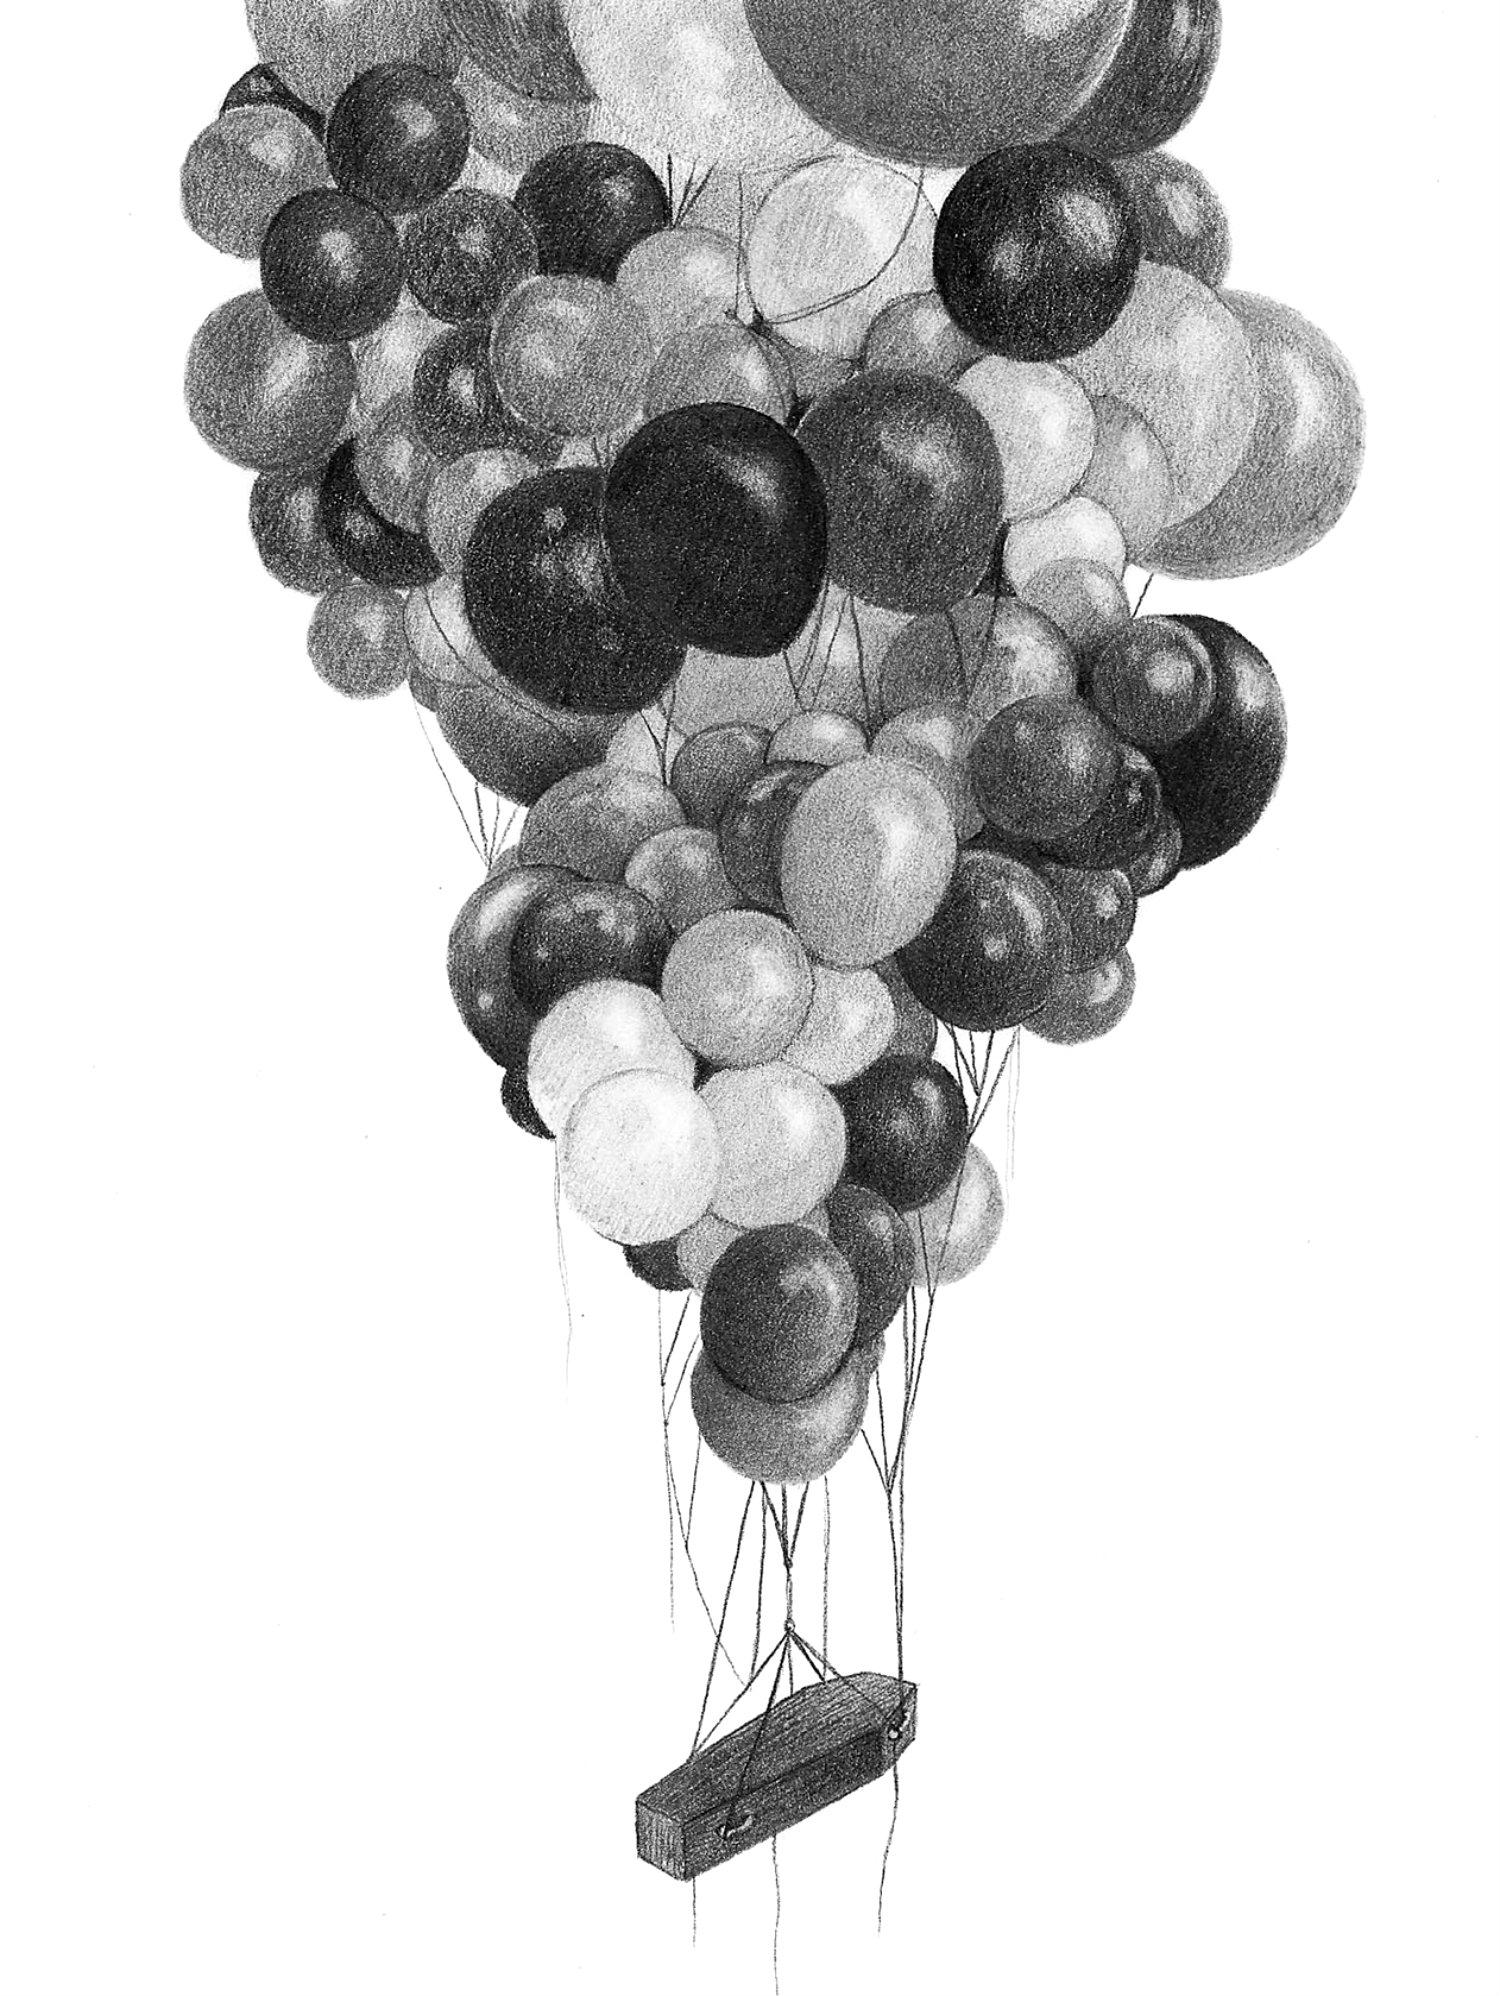 Alejandro García Restrepo illustration black white pencil balloons